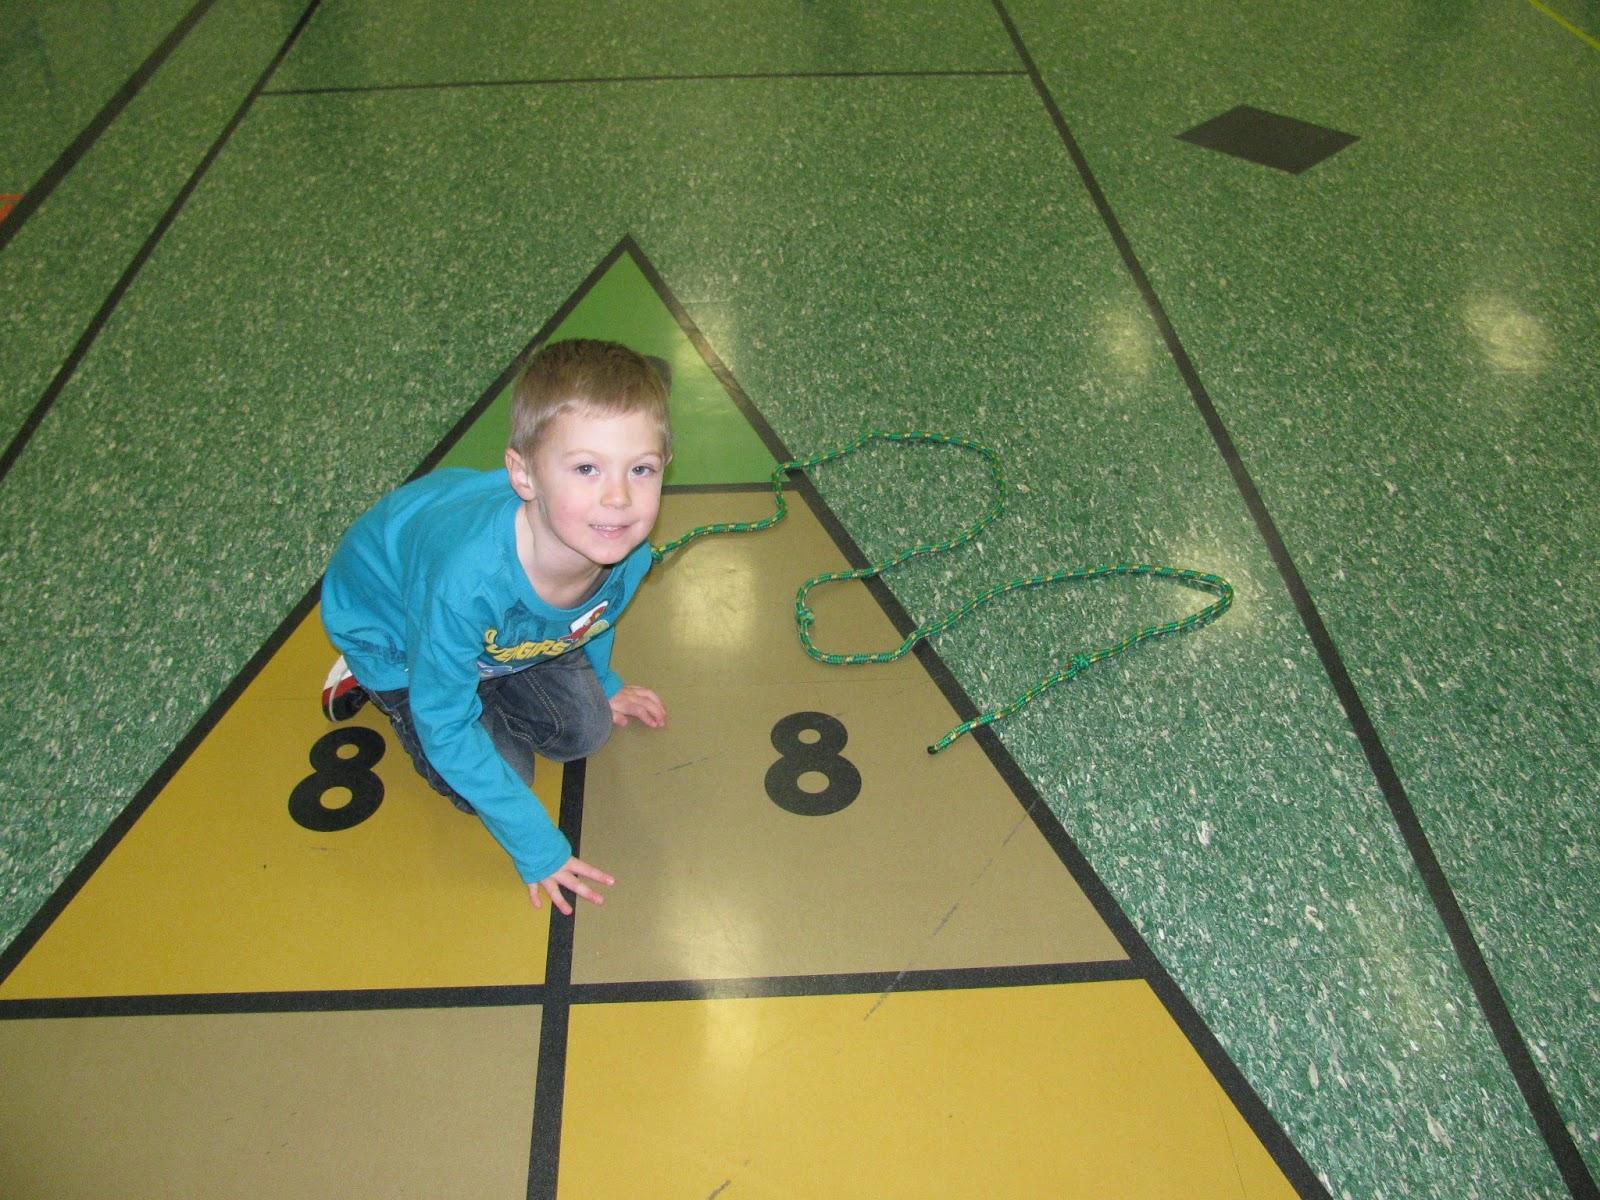 IMG 3837 - P E Games For Kindergarten